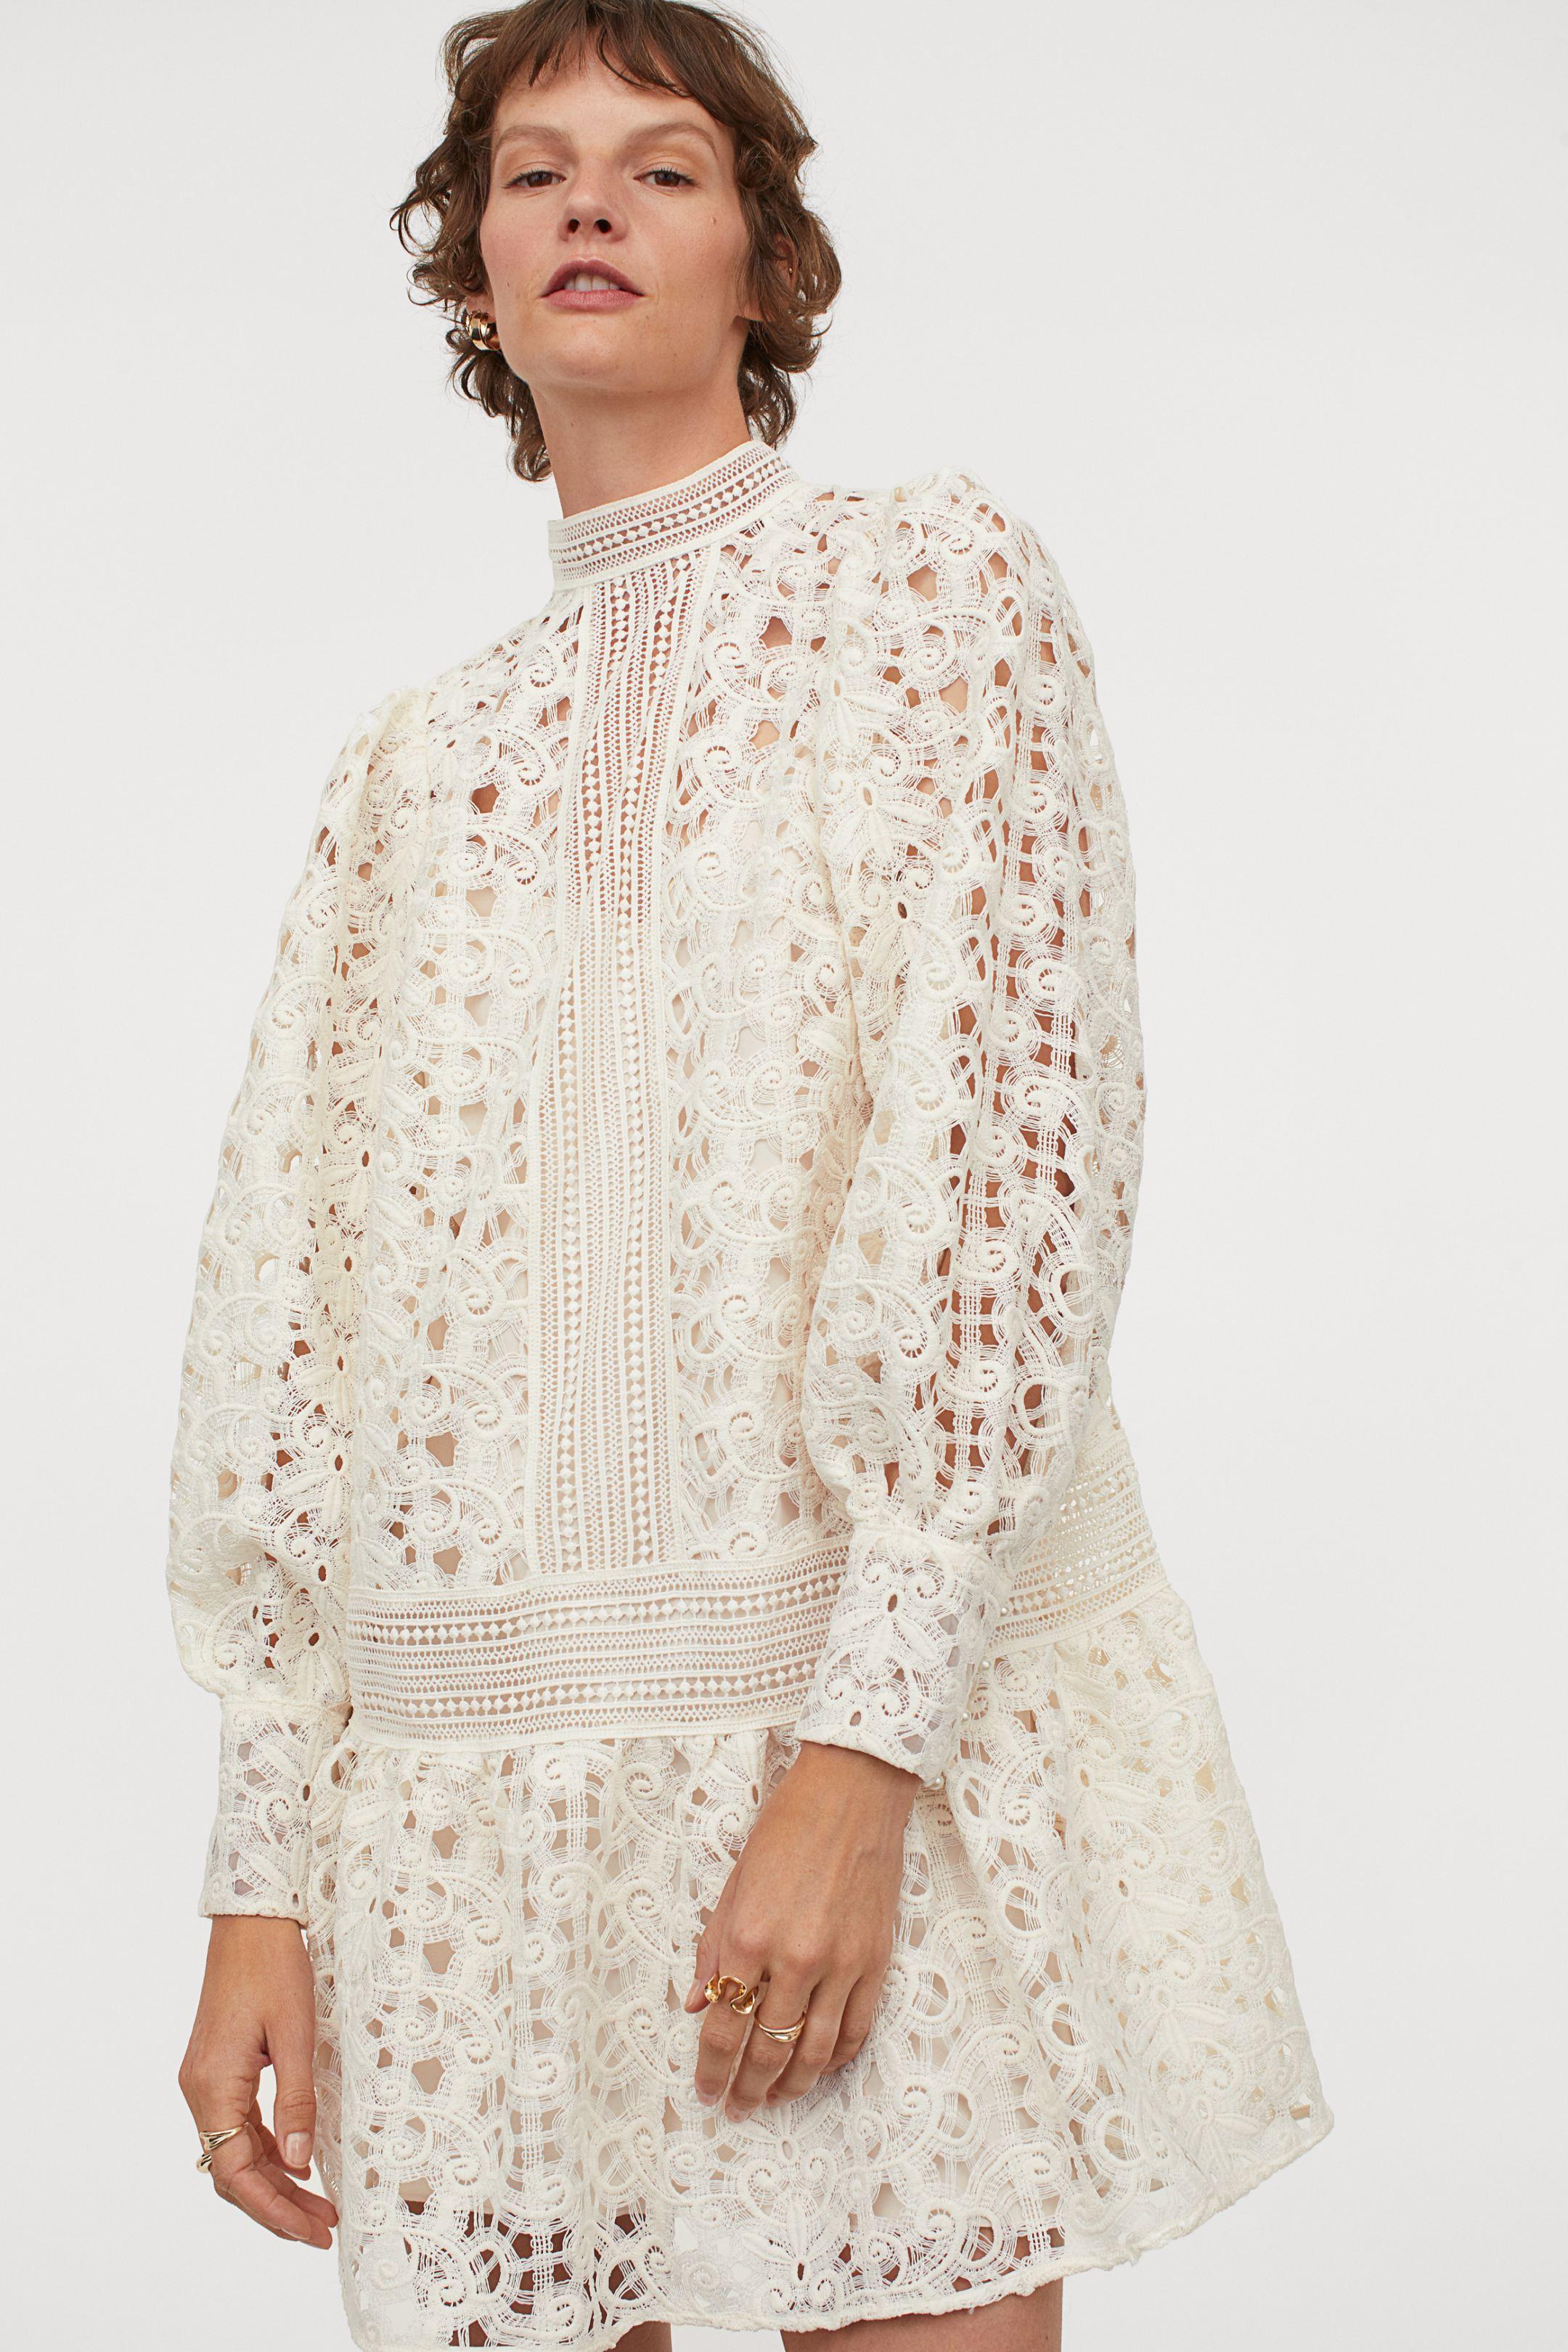 Lace dress en blanco